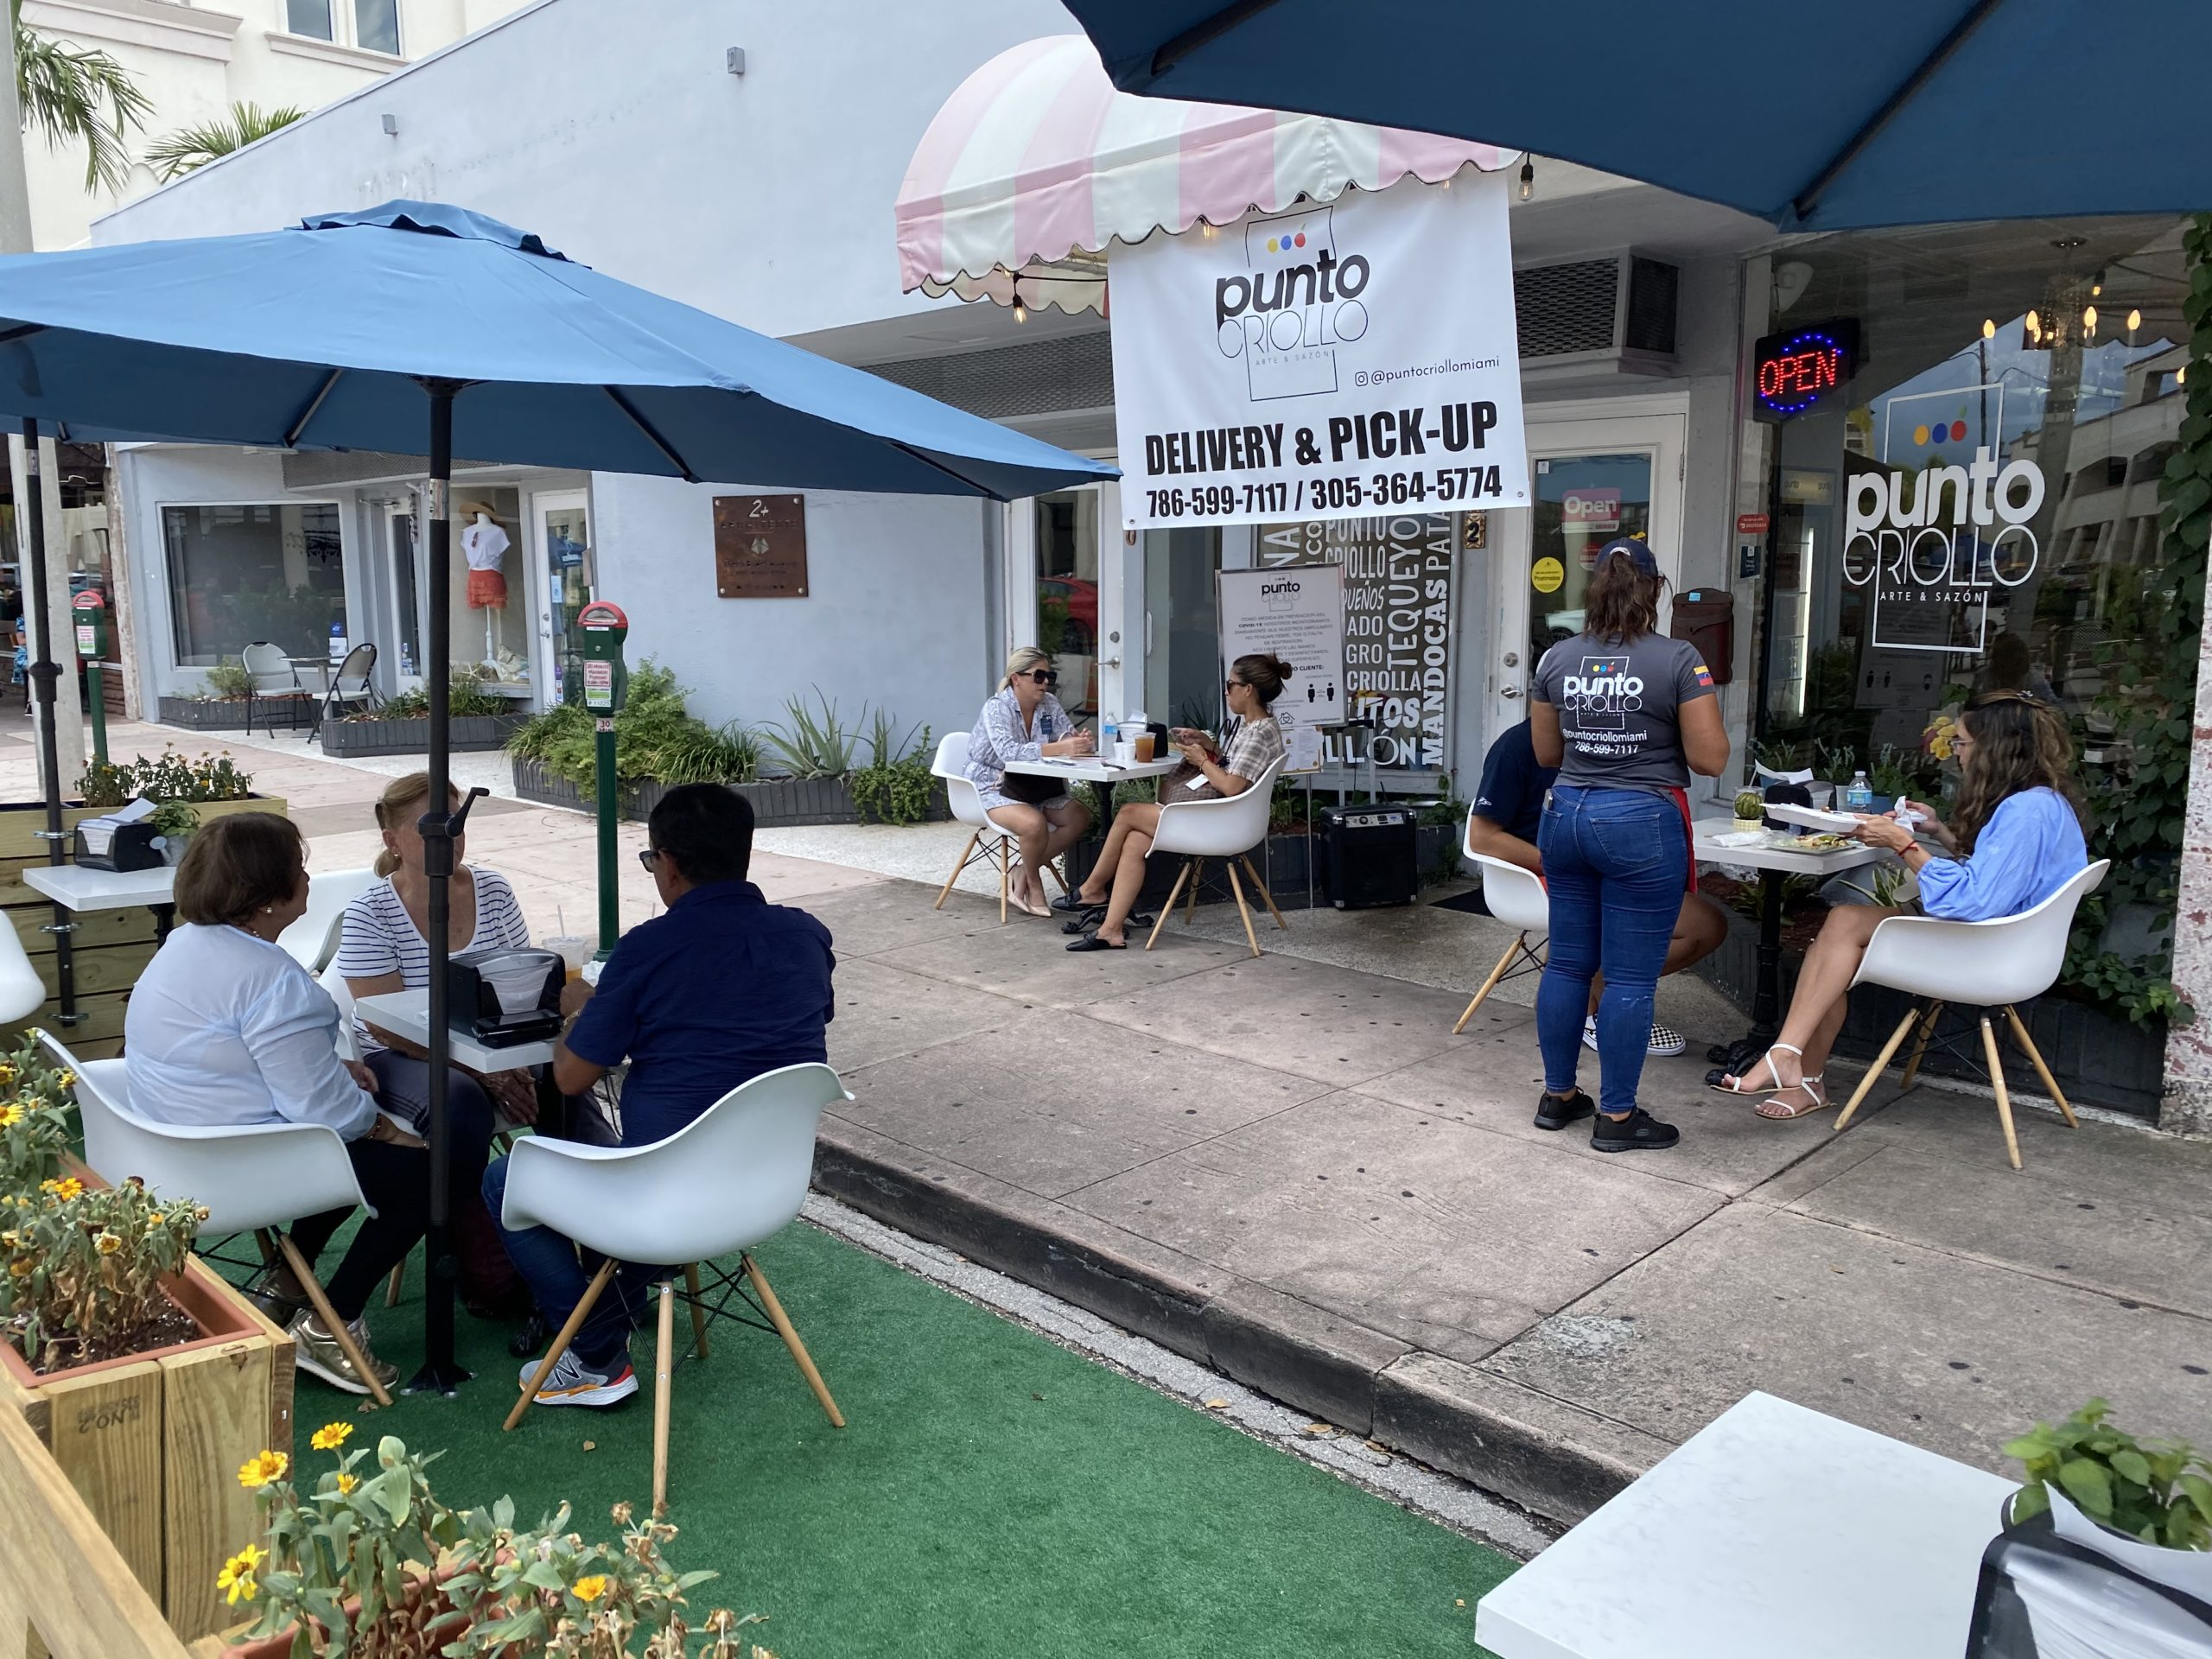 Punto Criollo Outdoor Seating only Venezuelan restaurant in Coral Gables, Florida